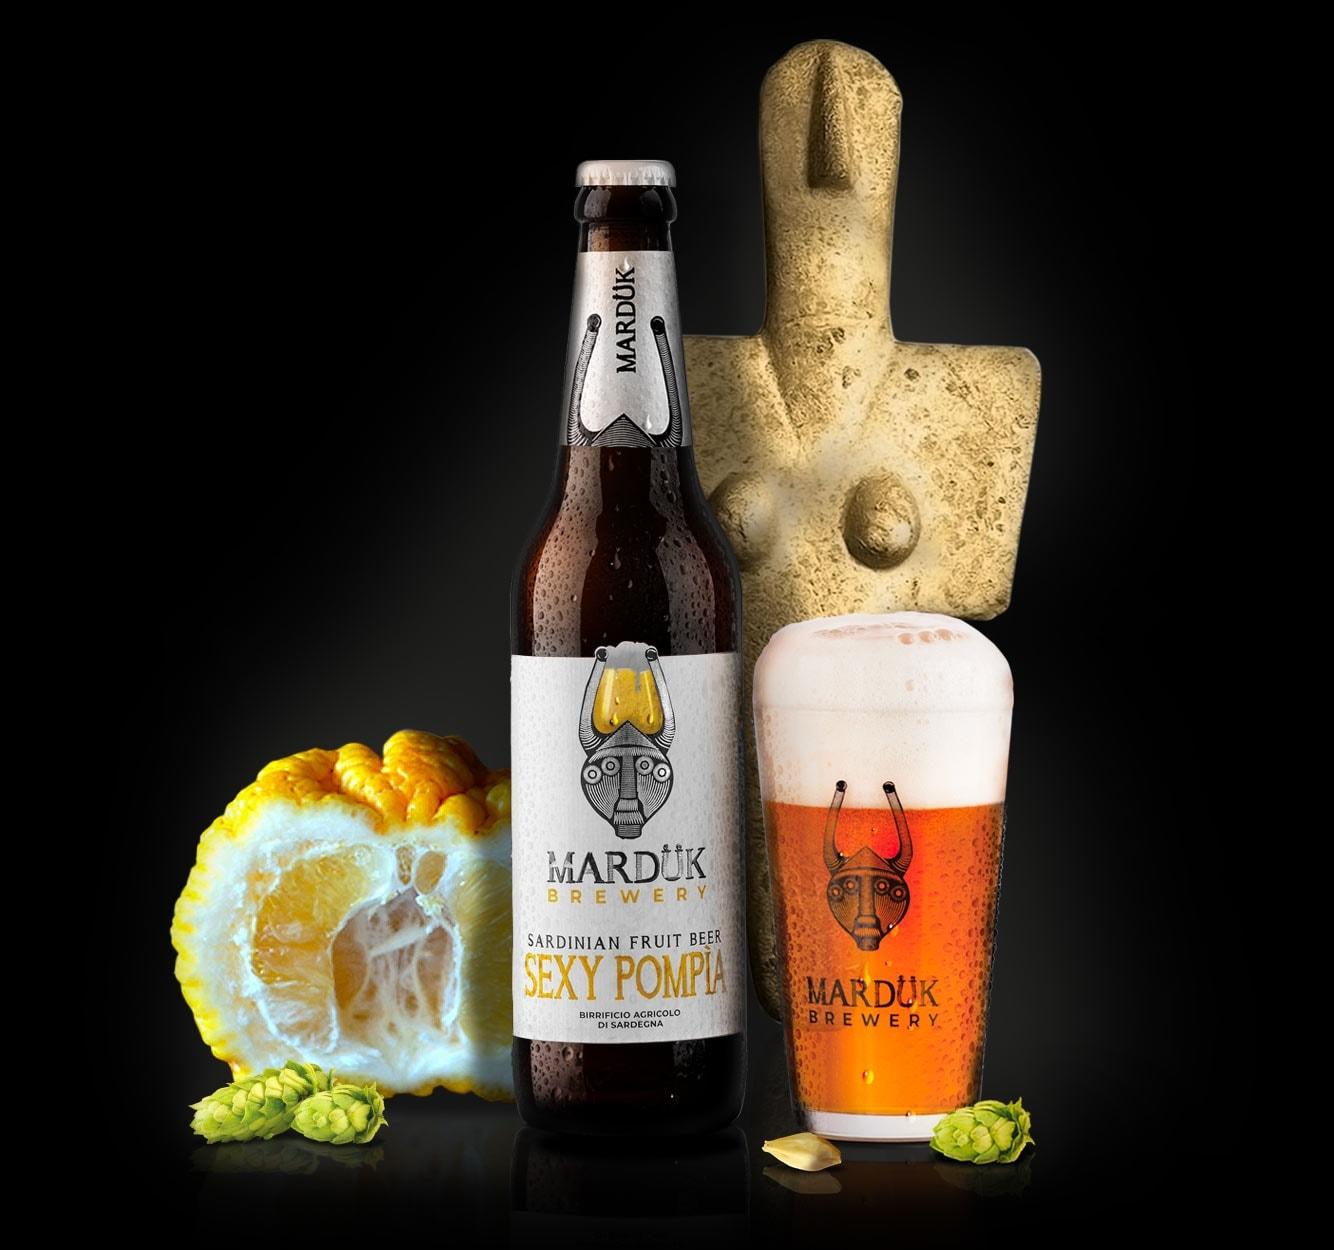 https://www.birrificiomarduk.com/wp-content/uploads/2020/06/2-linea-giornaliere-Sexy-Pompia-sardinian-guerrieri-Marduk-brewery-birre-birrificio-materie-prime-lupolo-malto-orzo.jpg